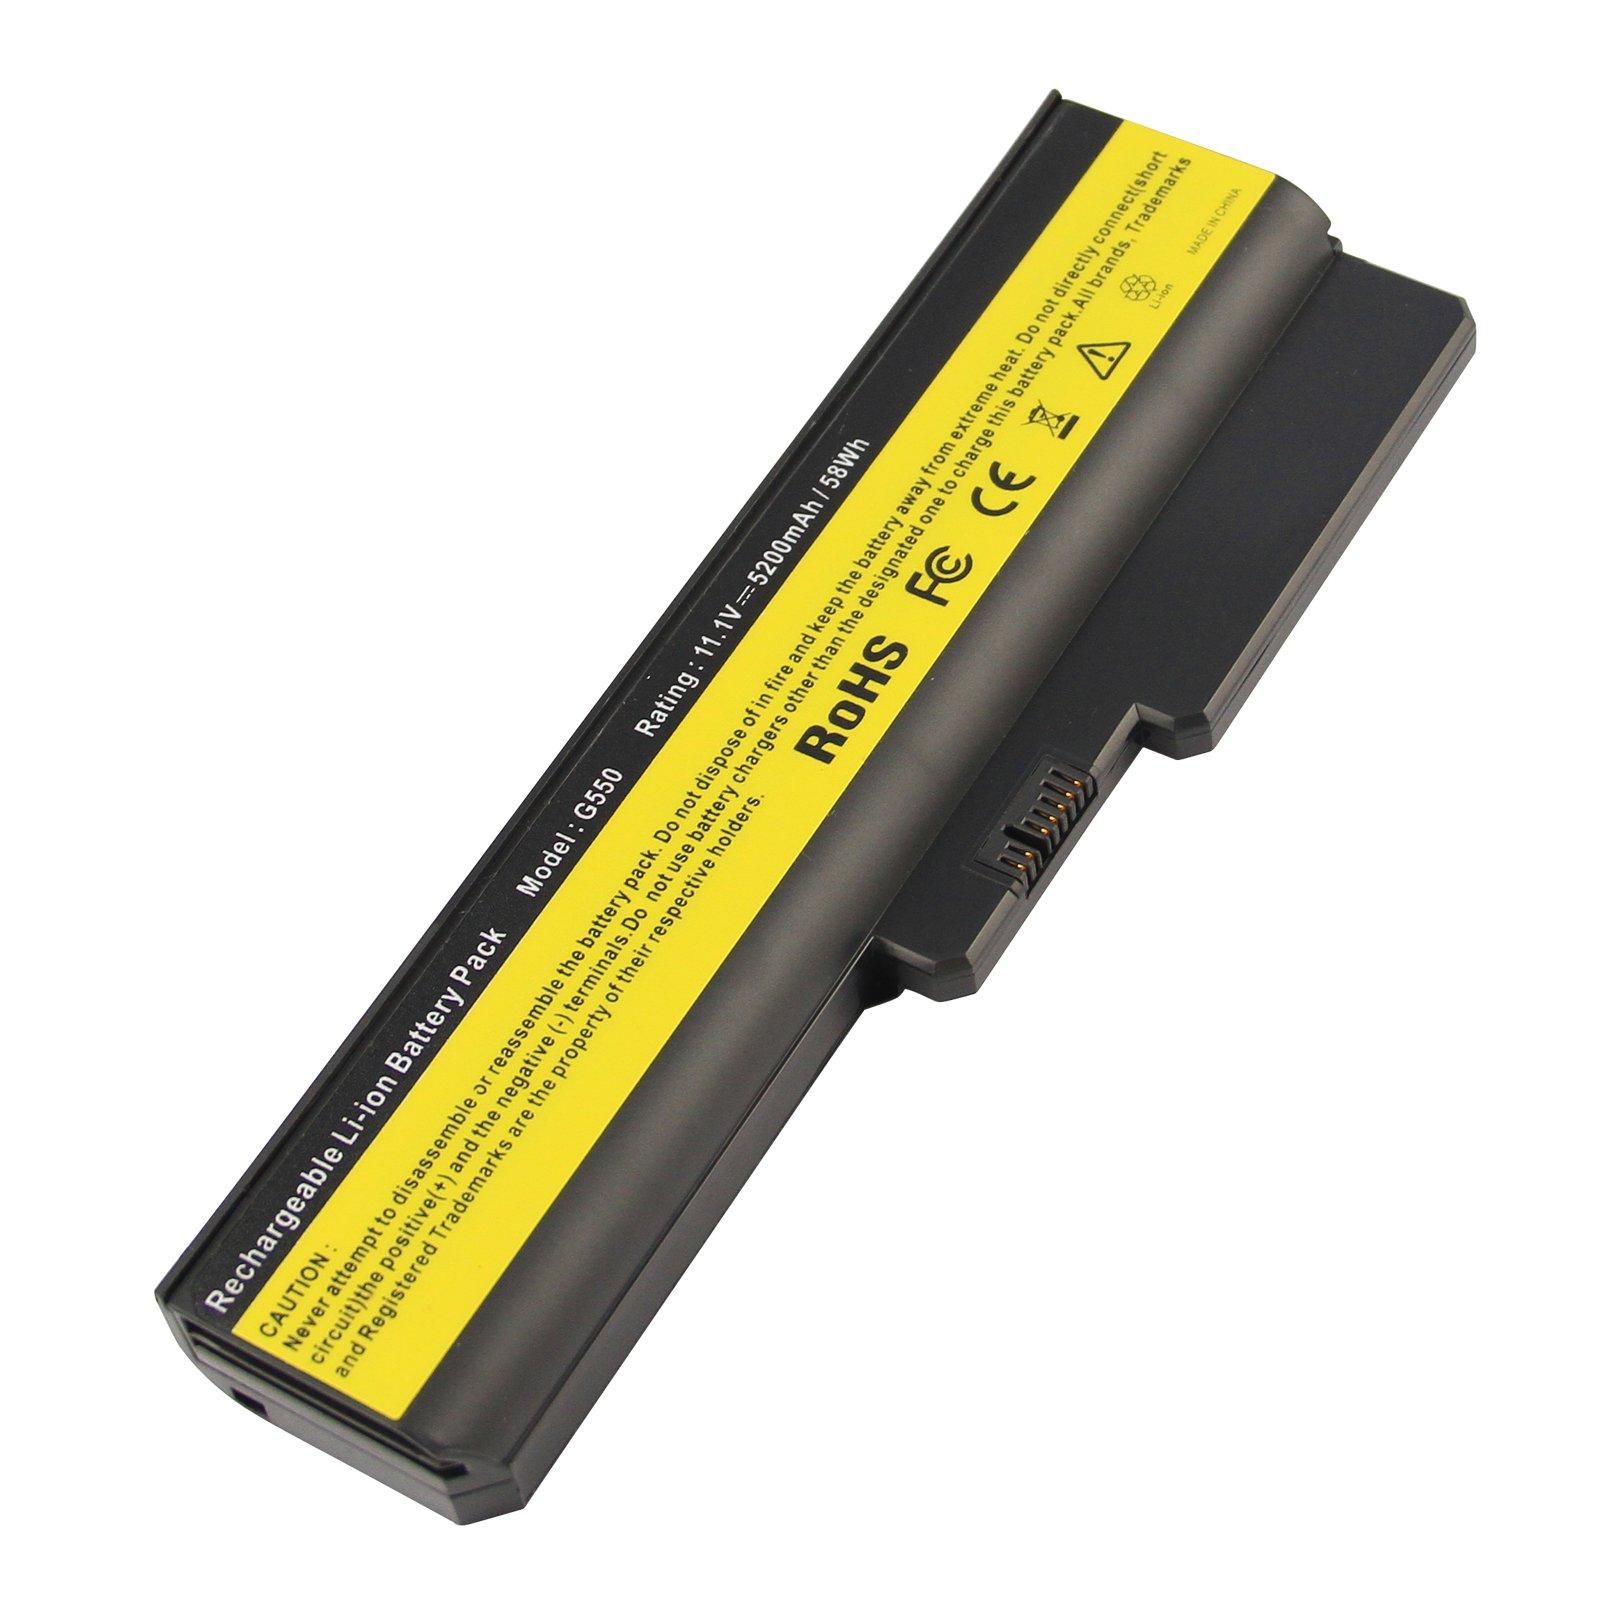 Bateria 6 Celdas 5200mah Para Lenovo 3000 B460 B550 G430 G450 G455 G530 G550 G555 N500 Ideapad B460 G430 V460 Z360